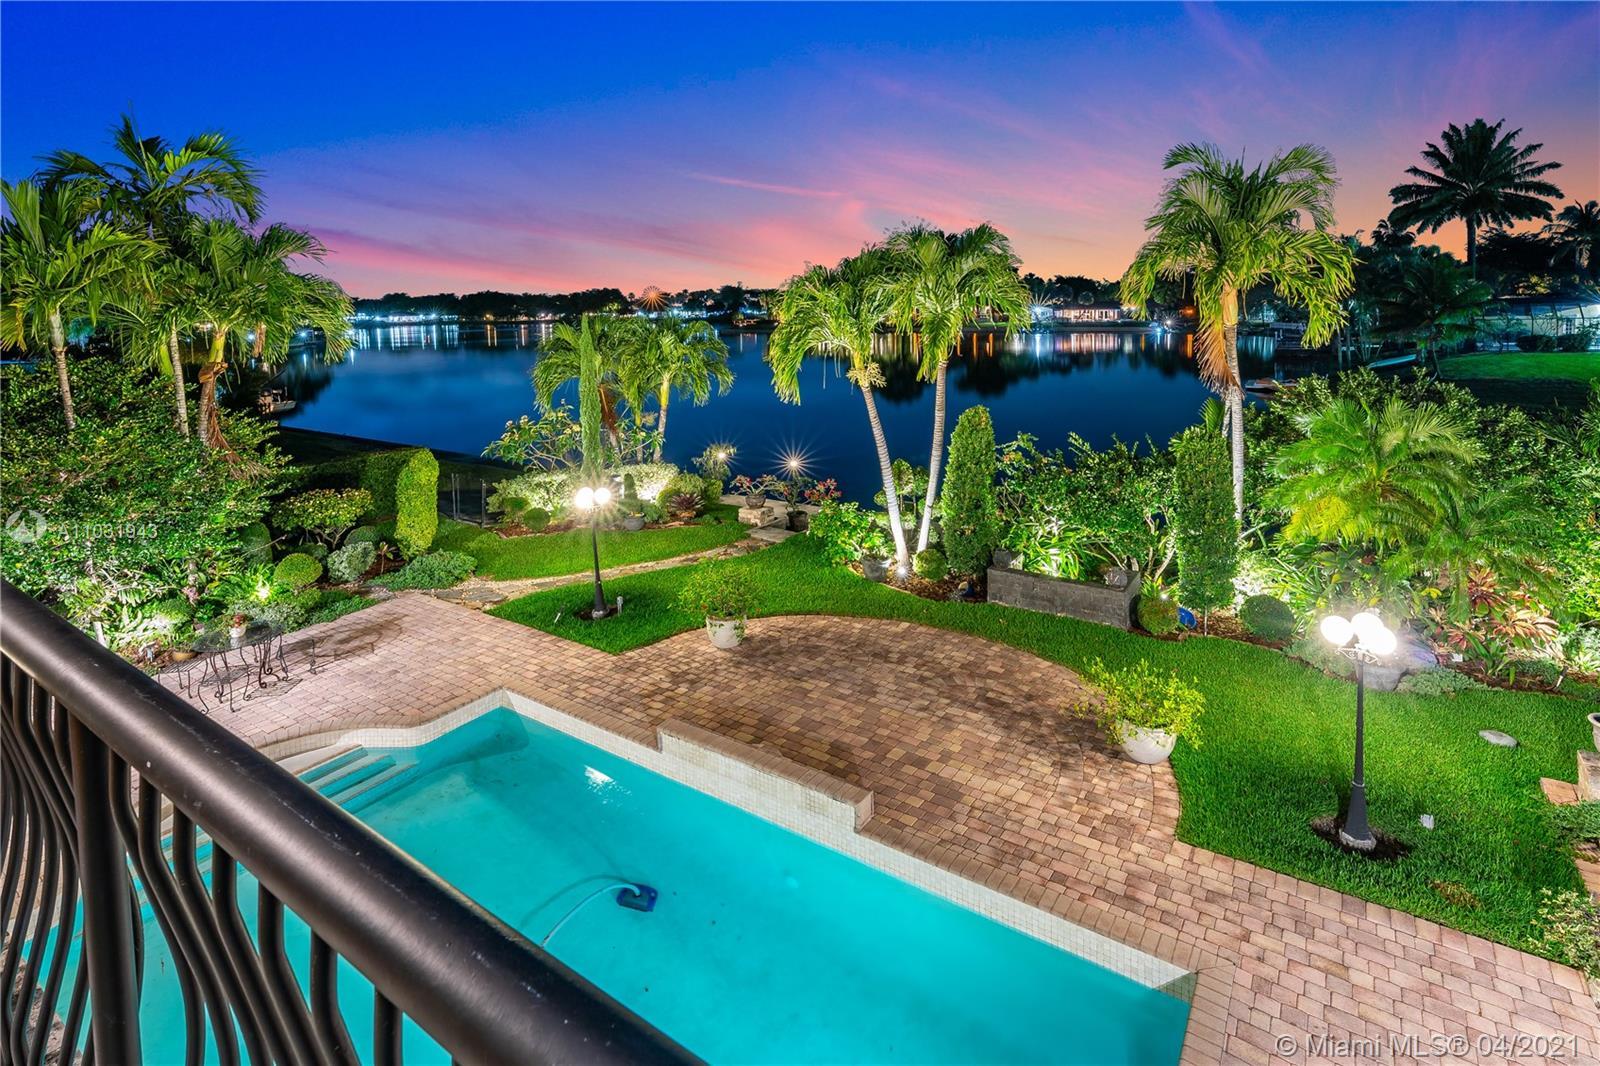 Miami Lakes - 6885 Gleneagle Dr, Miami Lakes, FL 33014